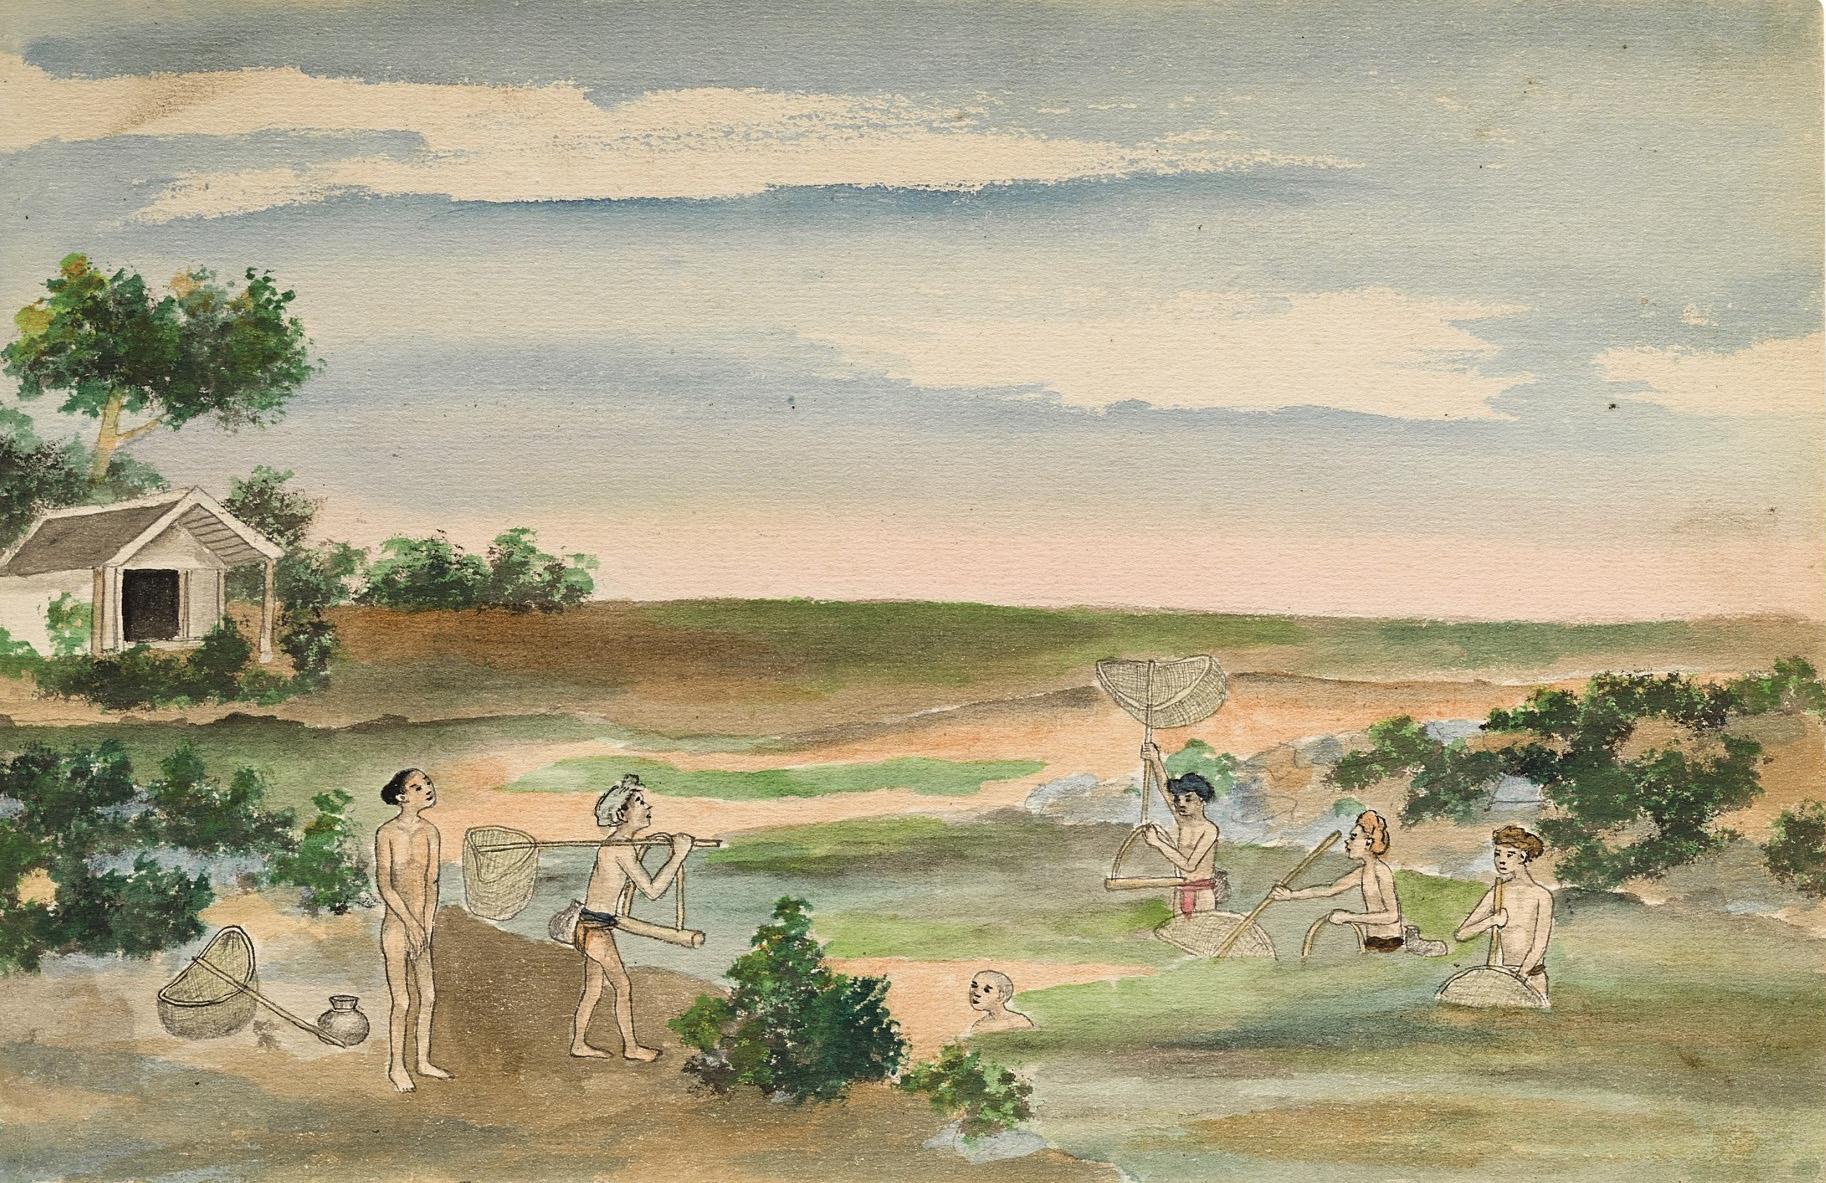 Bộ tranh lý thú về đời sống ở Nam Định cuối thế kỷ 19